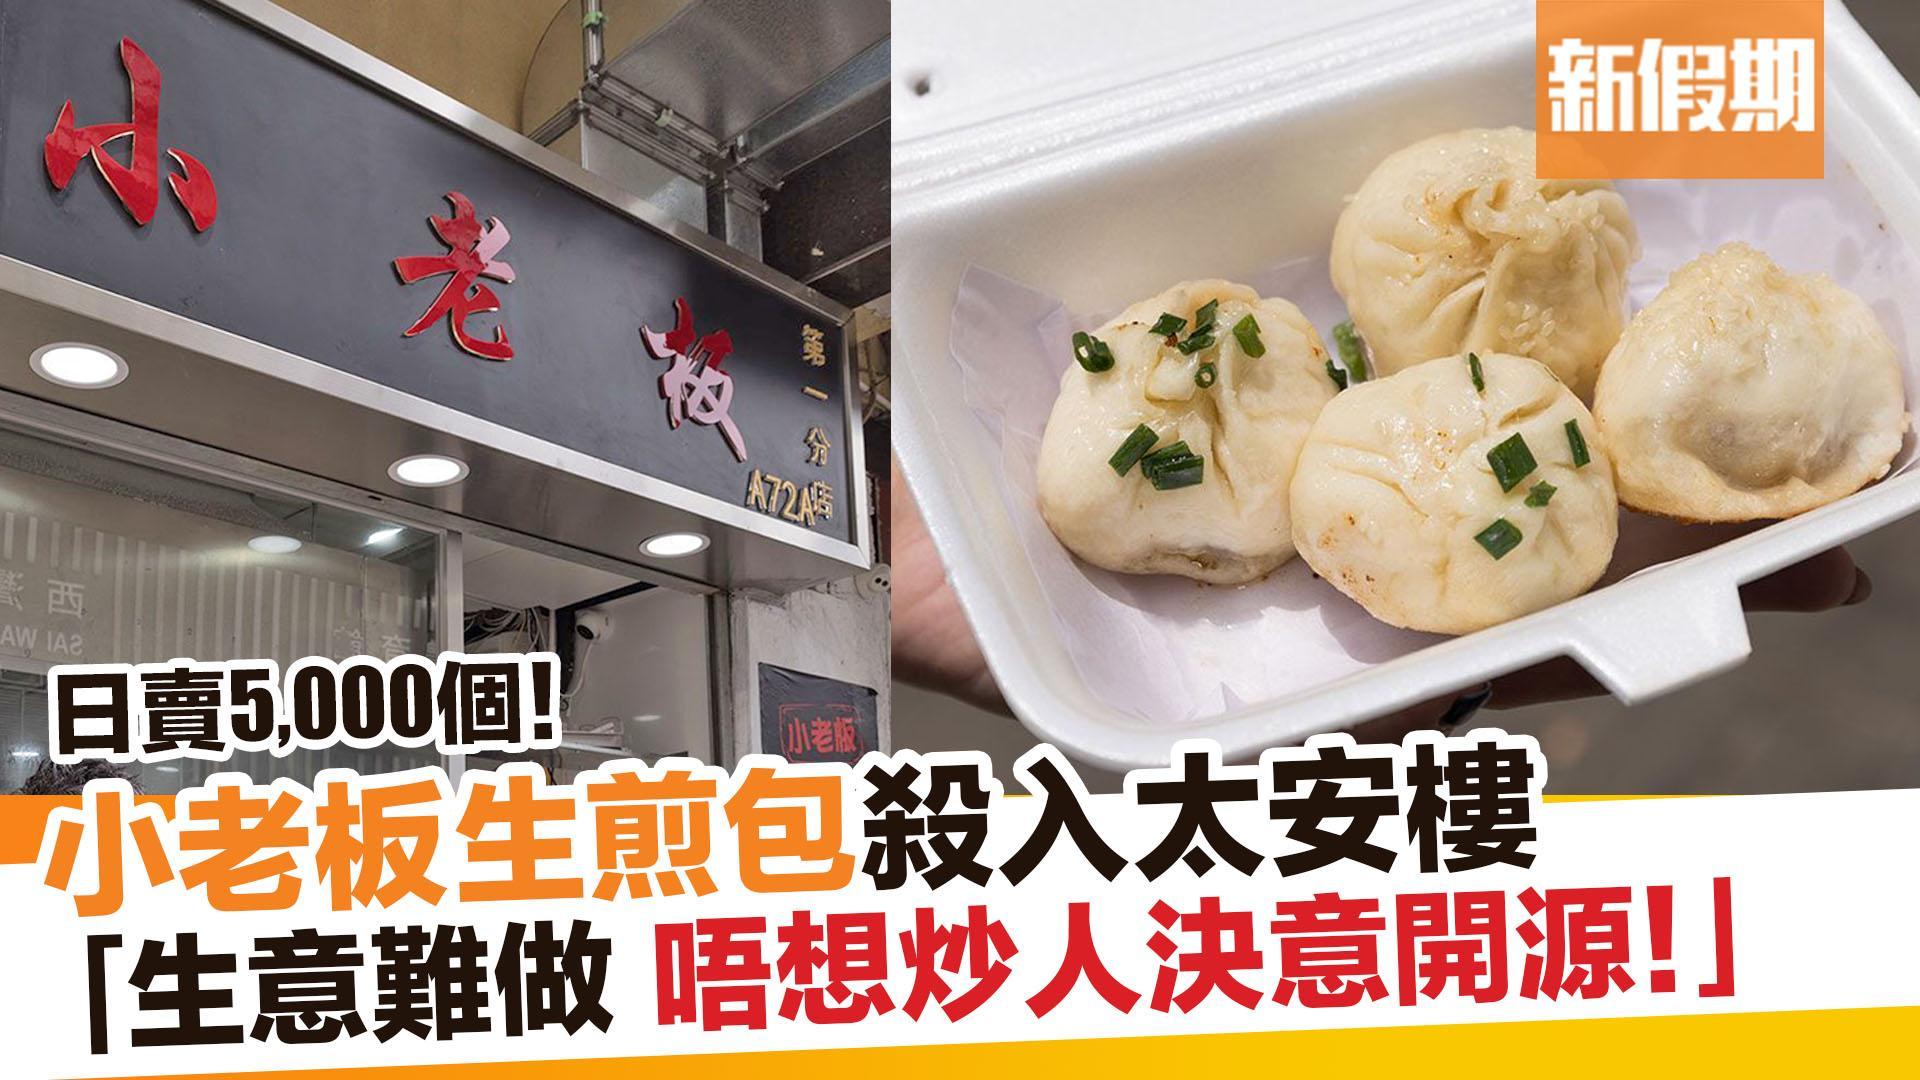 【外賣食乜好】小老板太安樓開分店 生煎包$3個! 新假期